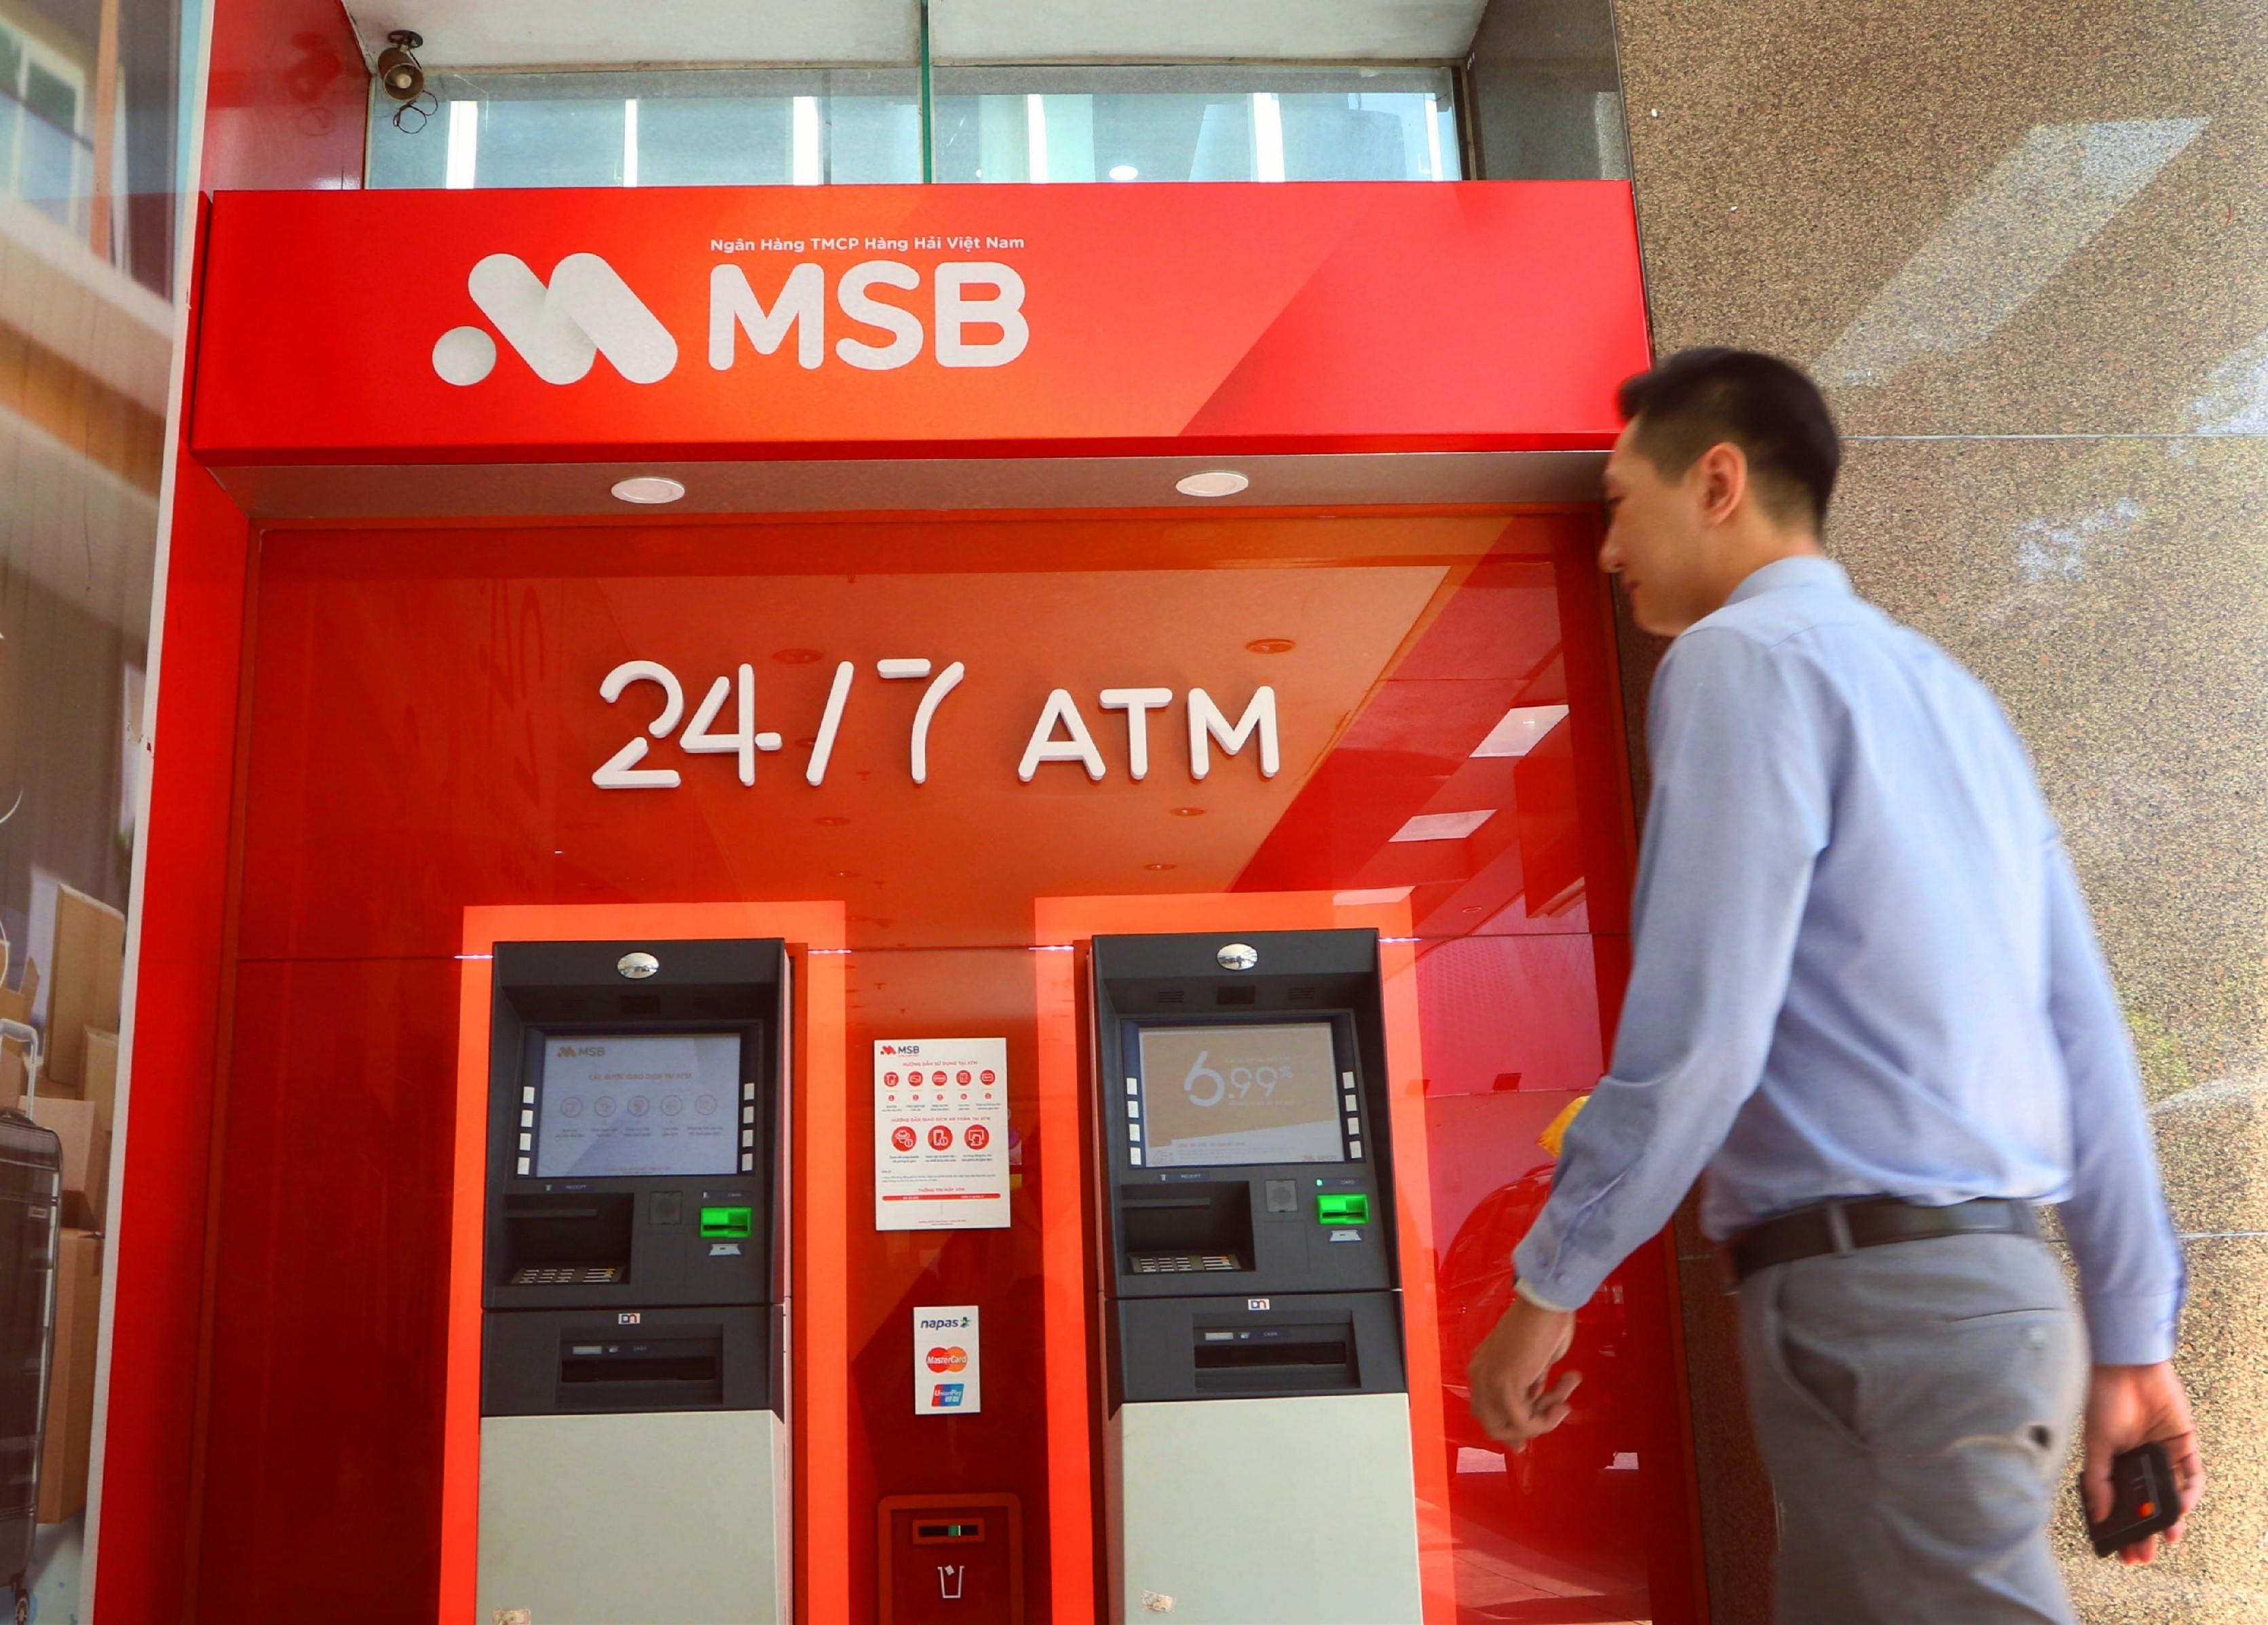 Lợi nhuận quý I MSB gấp 4 lần cùng kỳ